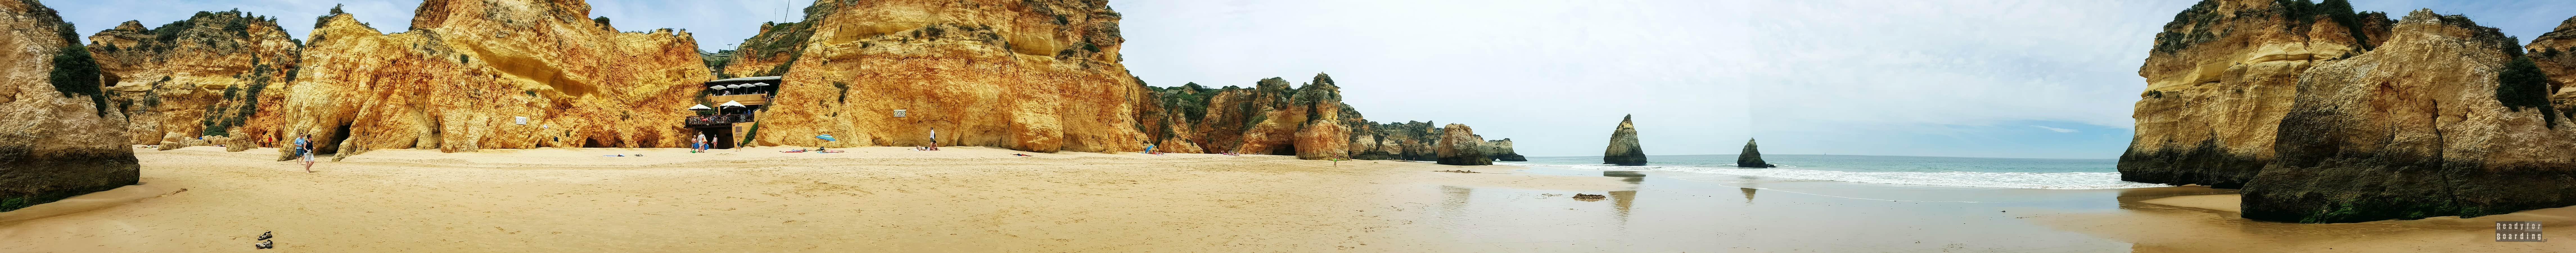 Panorama: Praia dos Três Irmãos, Algarve, Portugalia